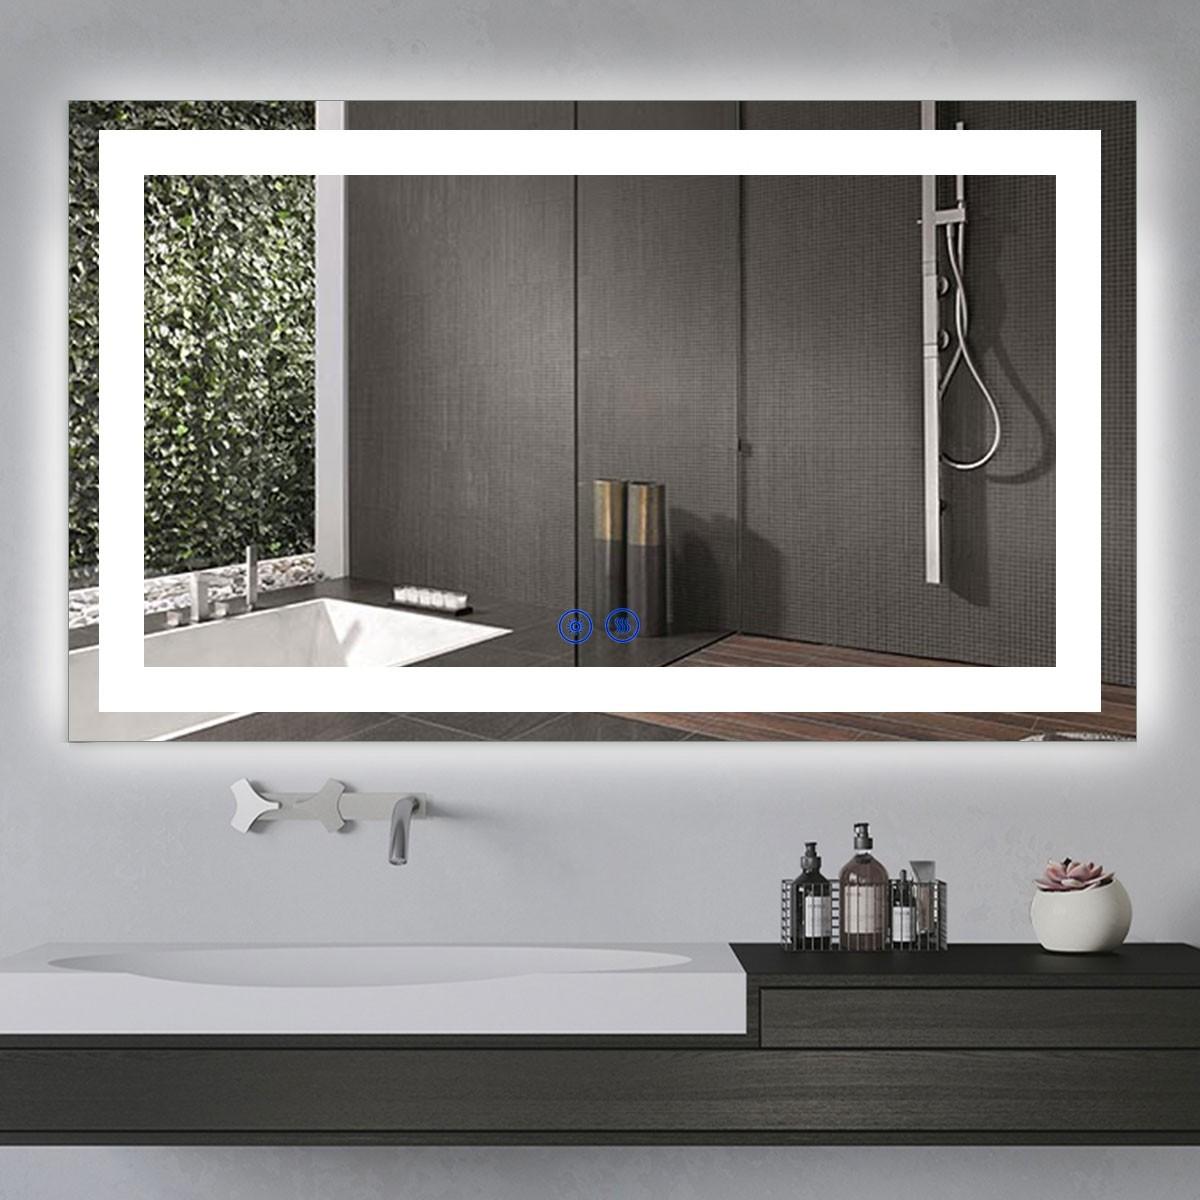 DECORAPORT 60 x 36  Po Miroir de Salle de Bain LED/Miroir Chambre avec Bouton Tactile, Anti-Buée, Luminosité Réglable, Montage Vertical & Horizontal (CT03-6036)